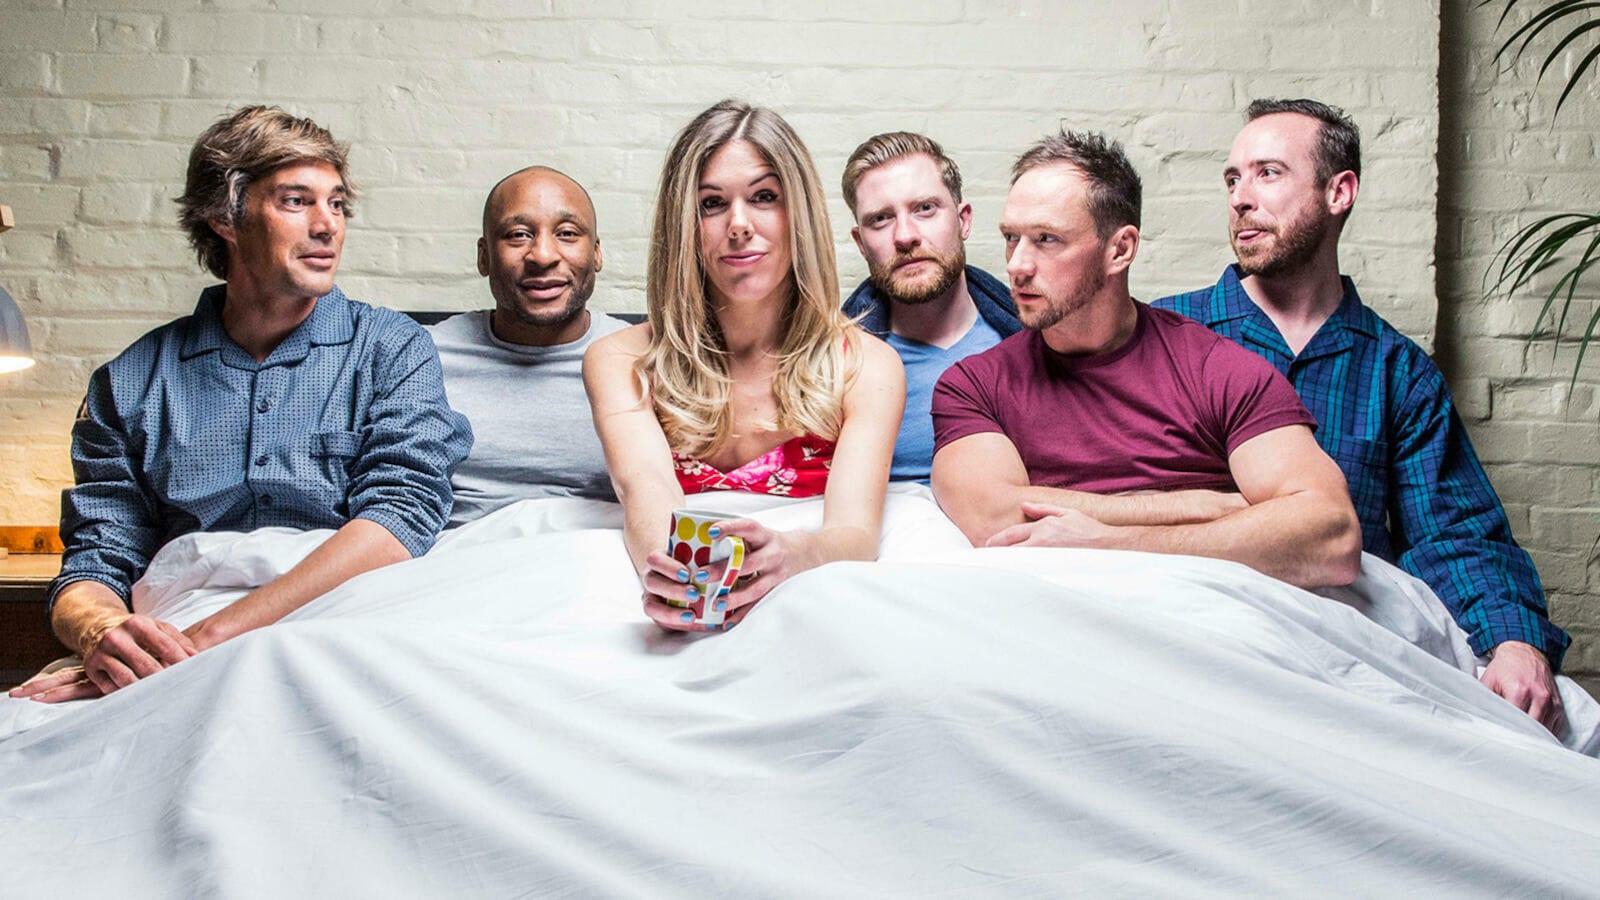 Viisi miestä viikossa UK